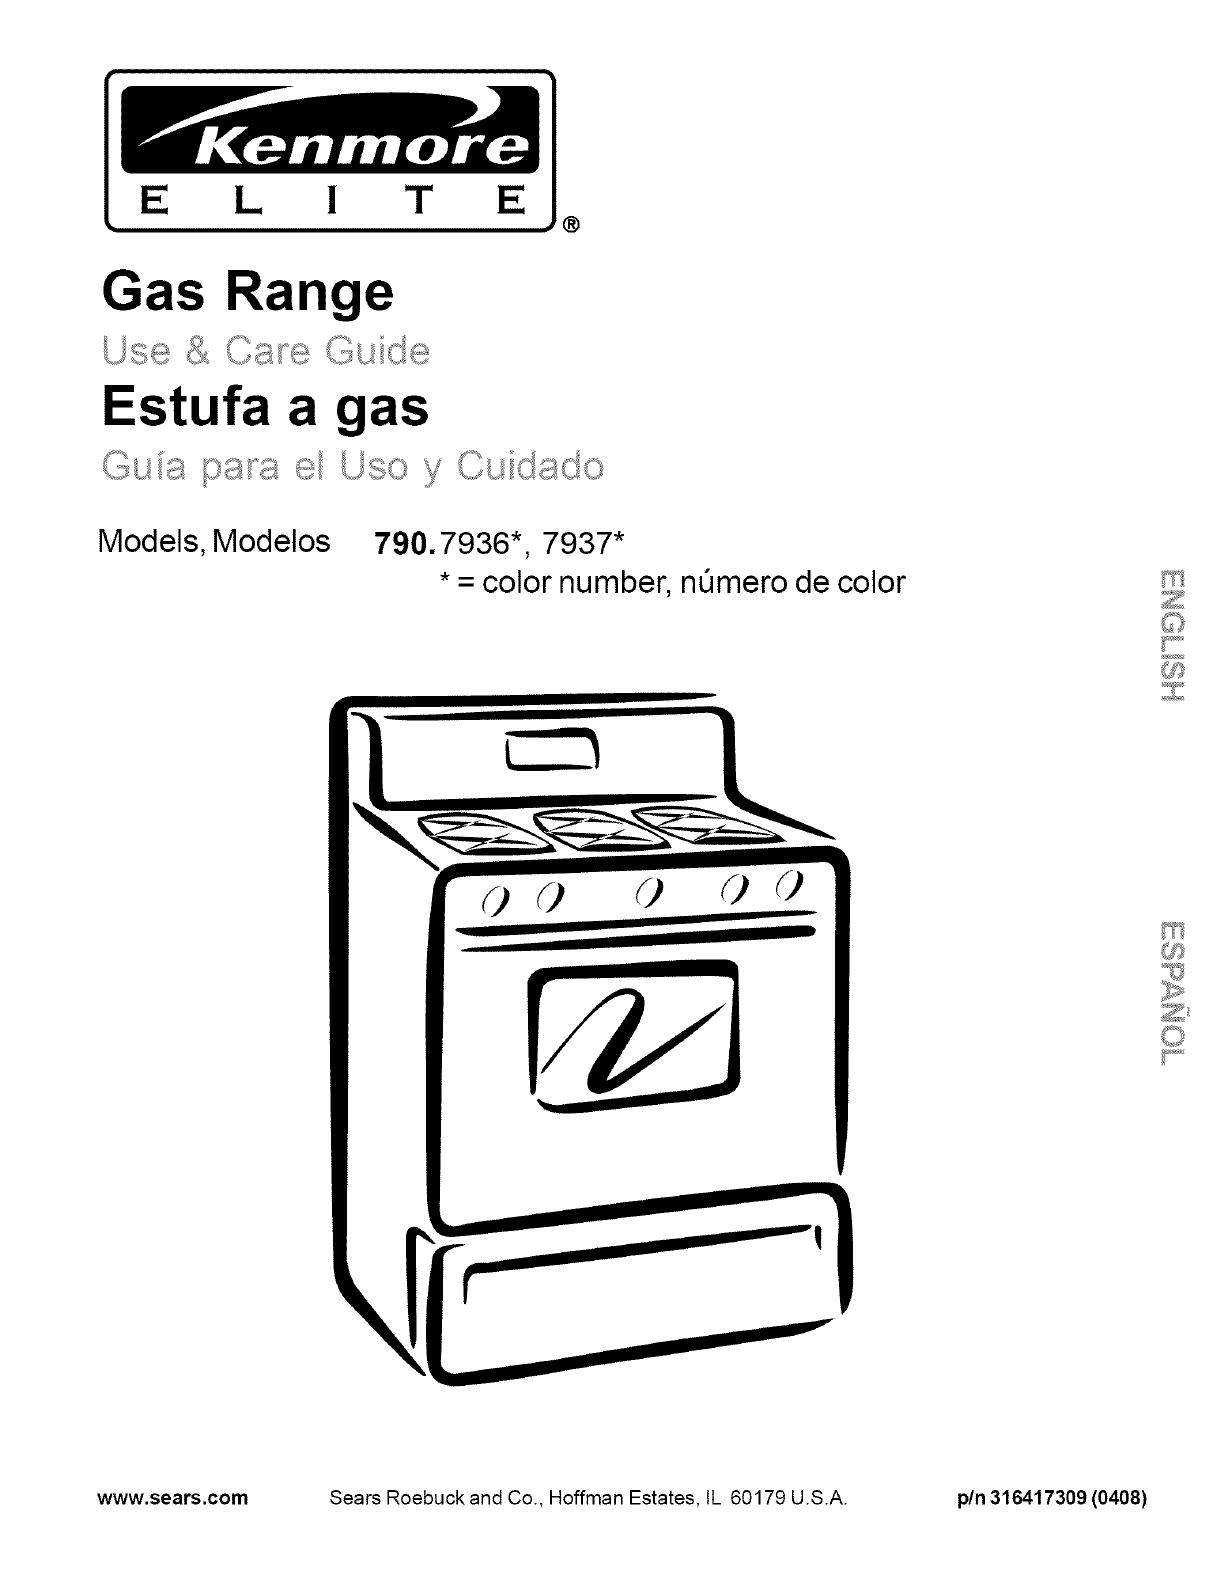 Kenmore 790.7936, 790.7937 manual